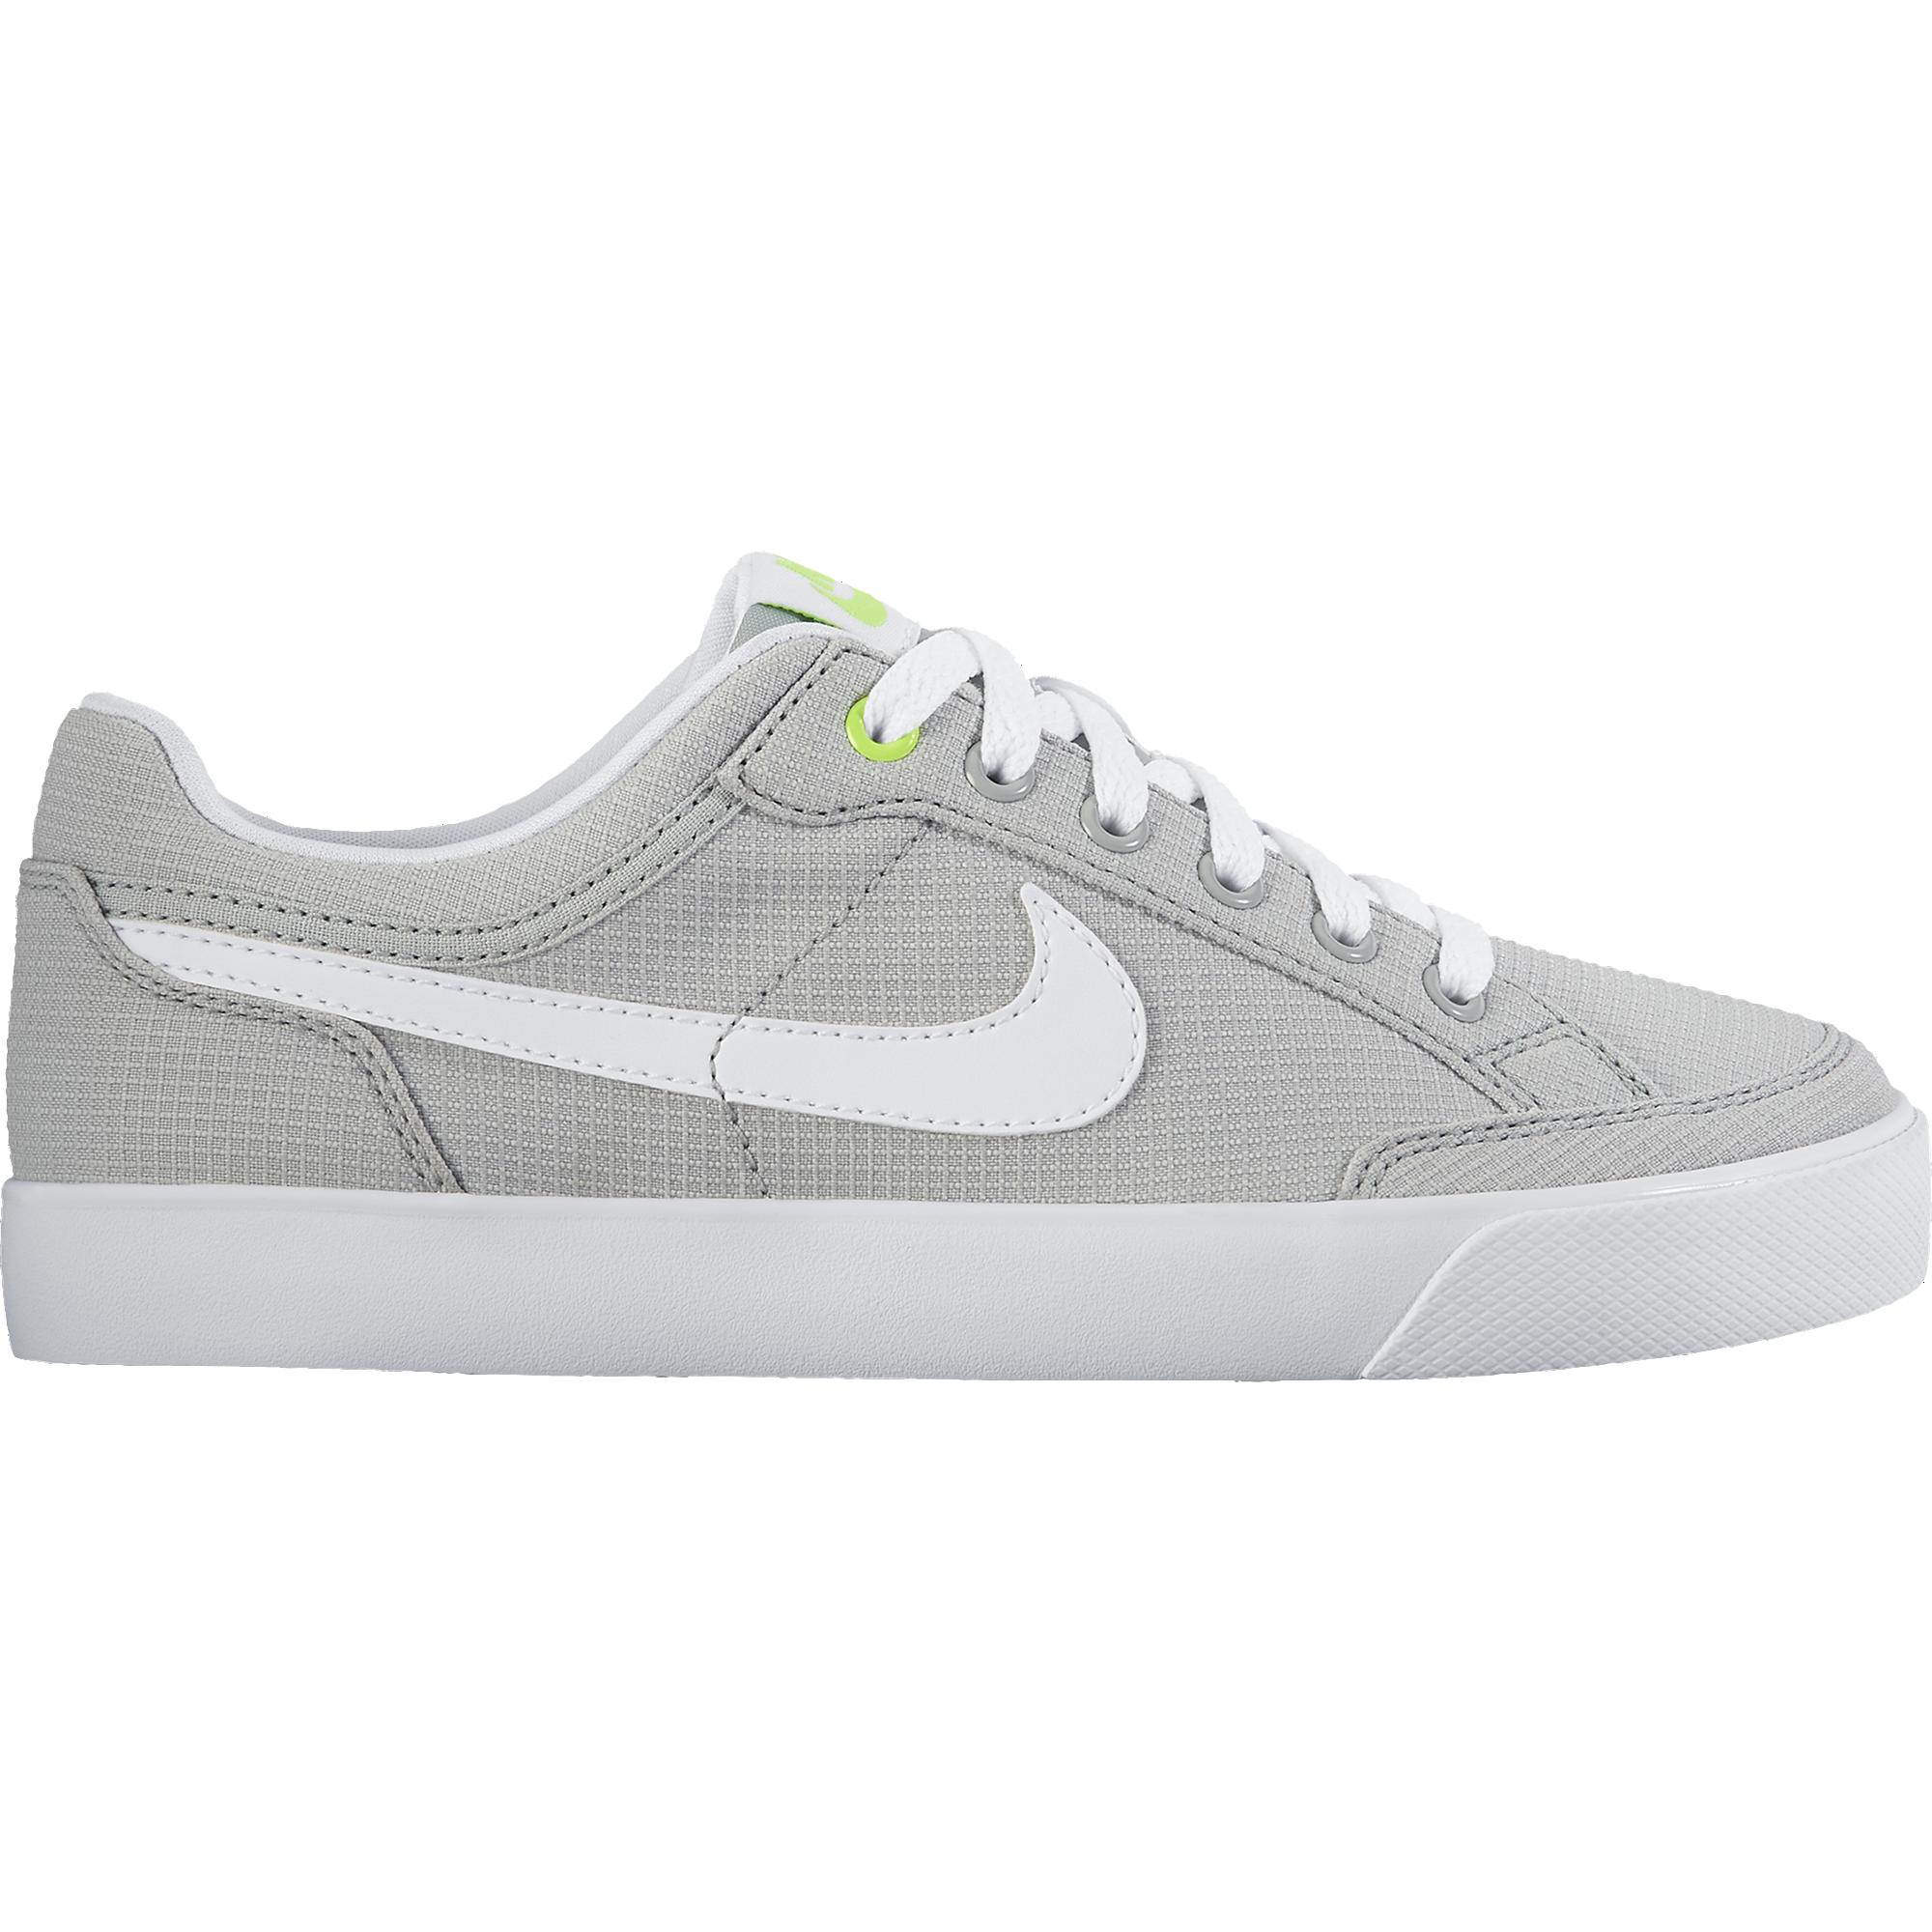 a2ebde4975 Nike Capri 3 Textile Gyerek Utcai Cipő 580539-007 Gyerek Cipo/utcai-cipo